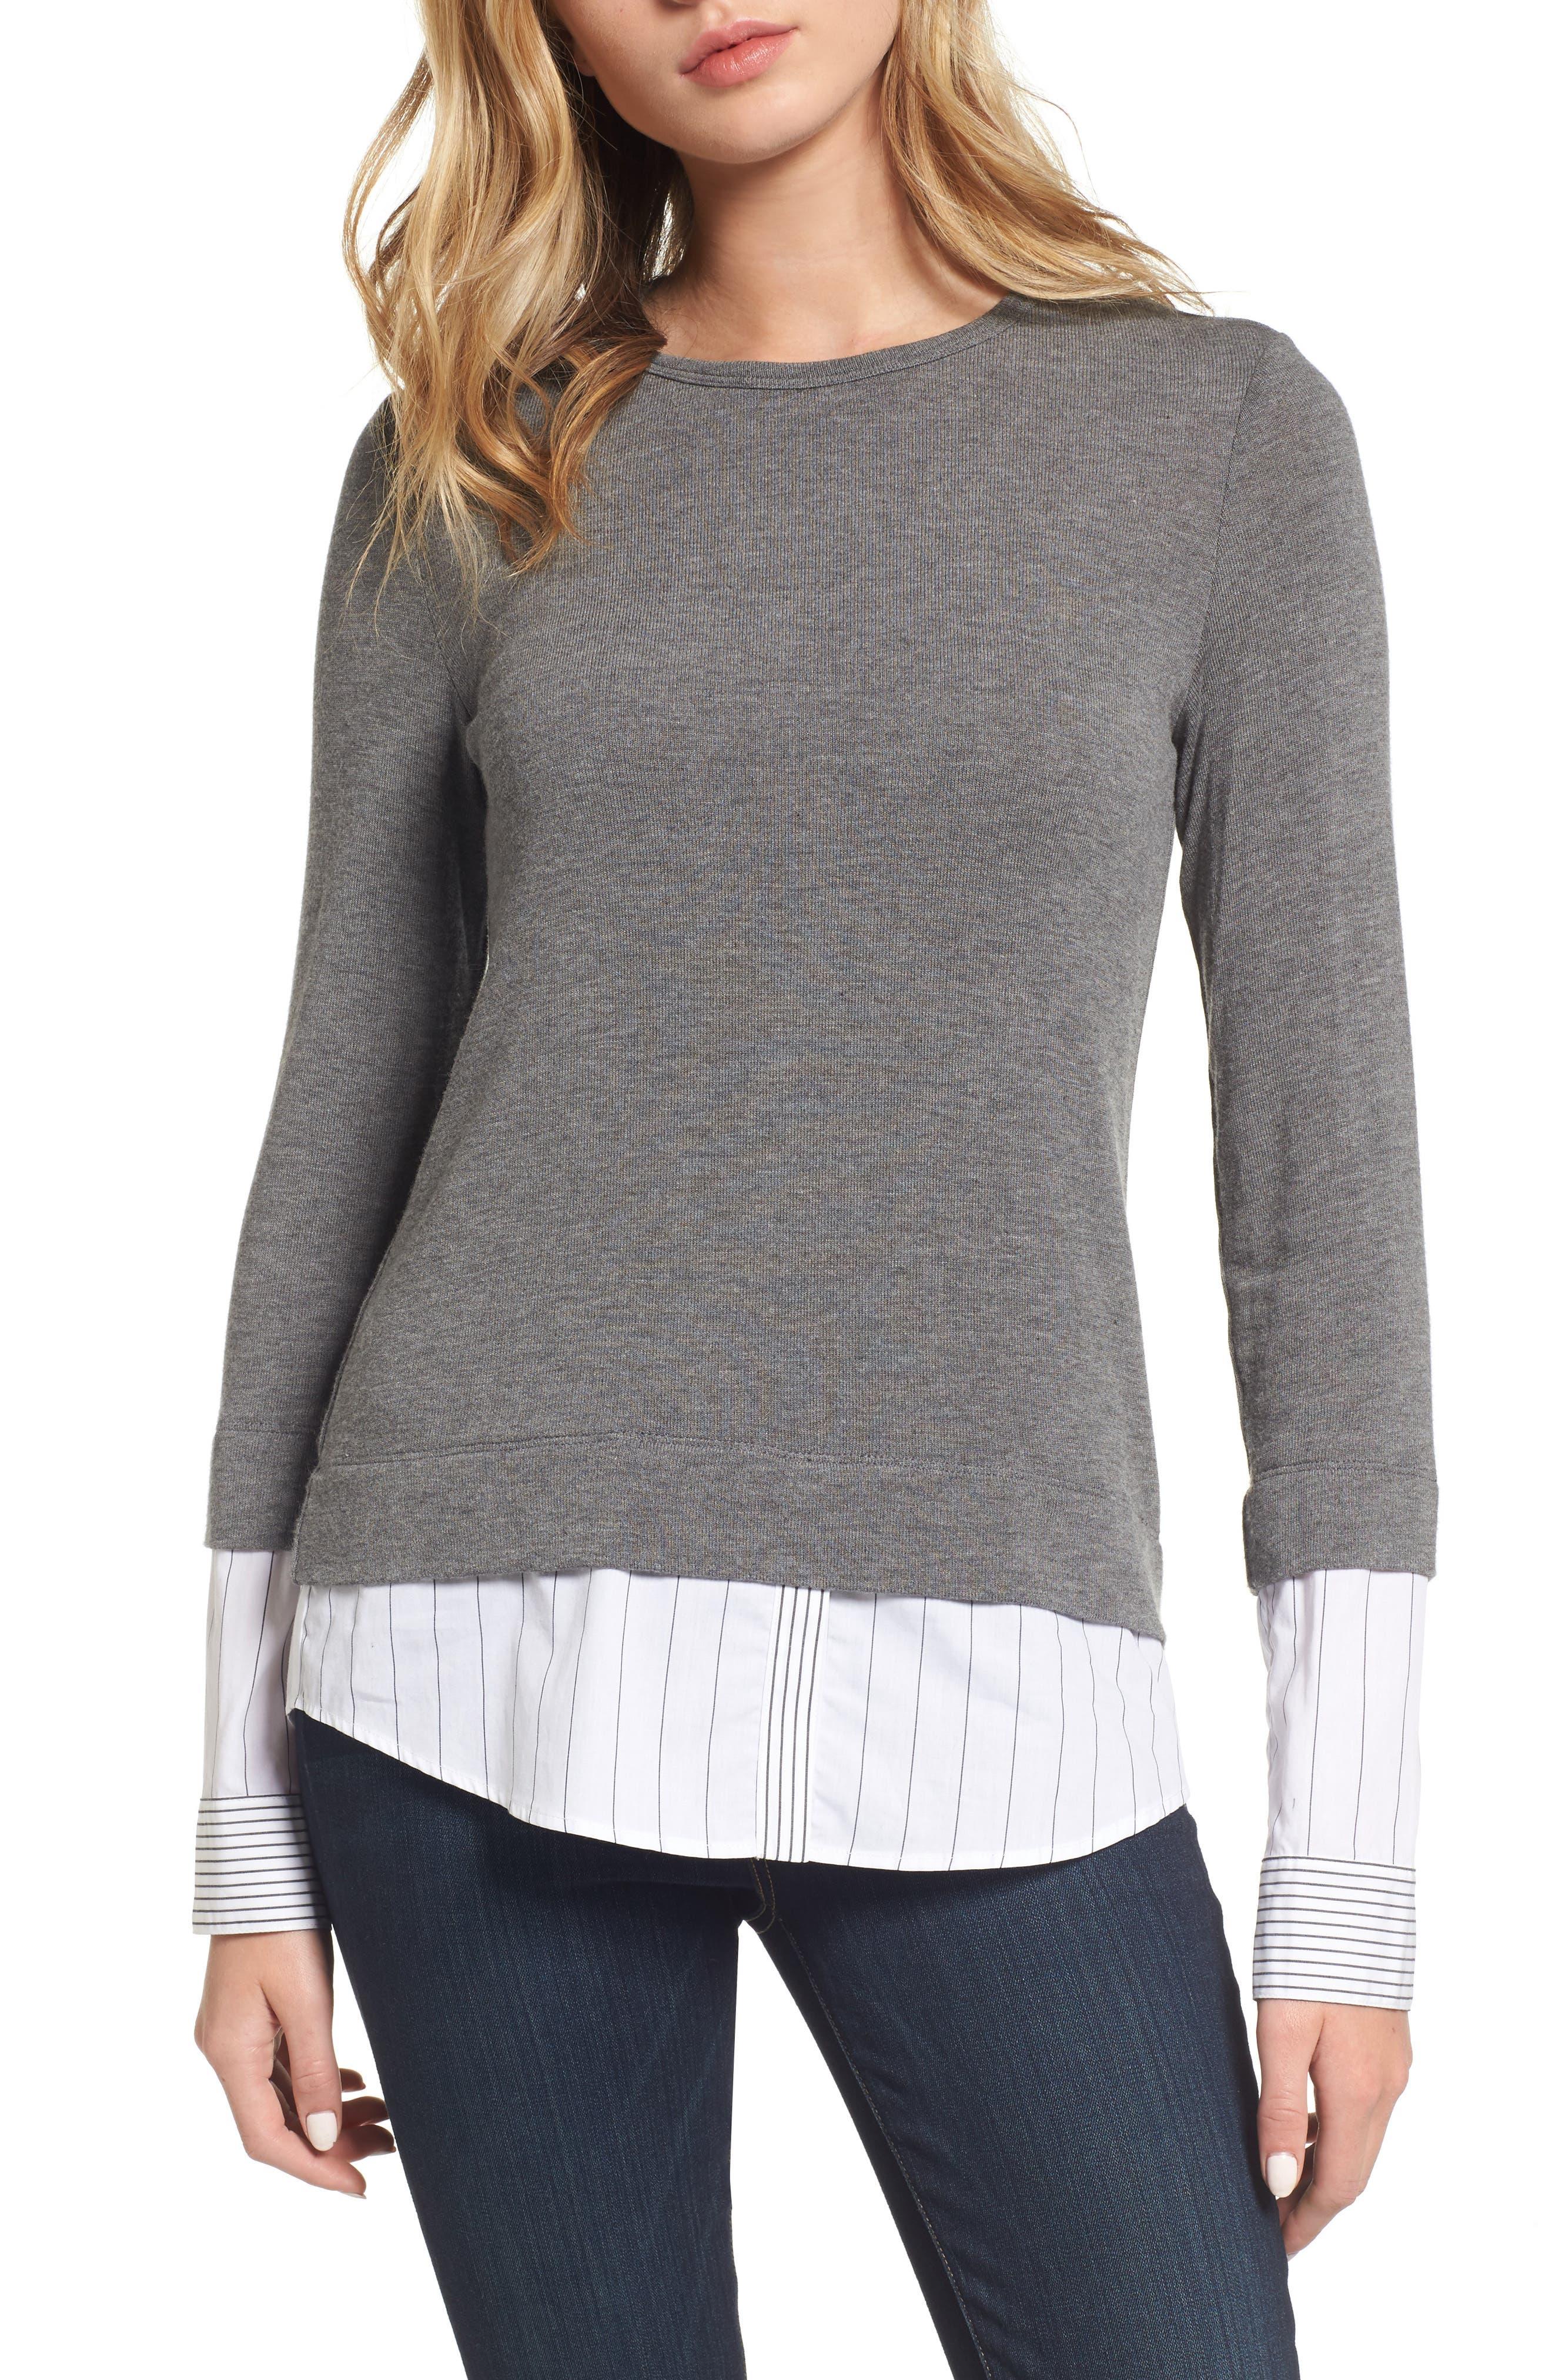 Alternate Image 1 Selected - Bailey 44 Elizabeth III Sweater